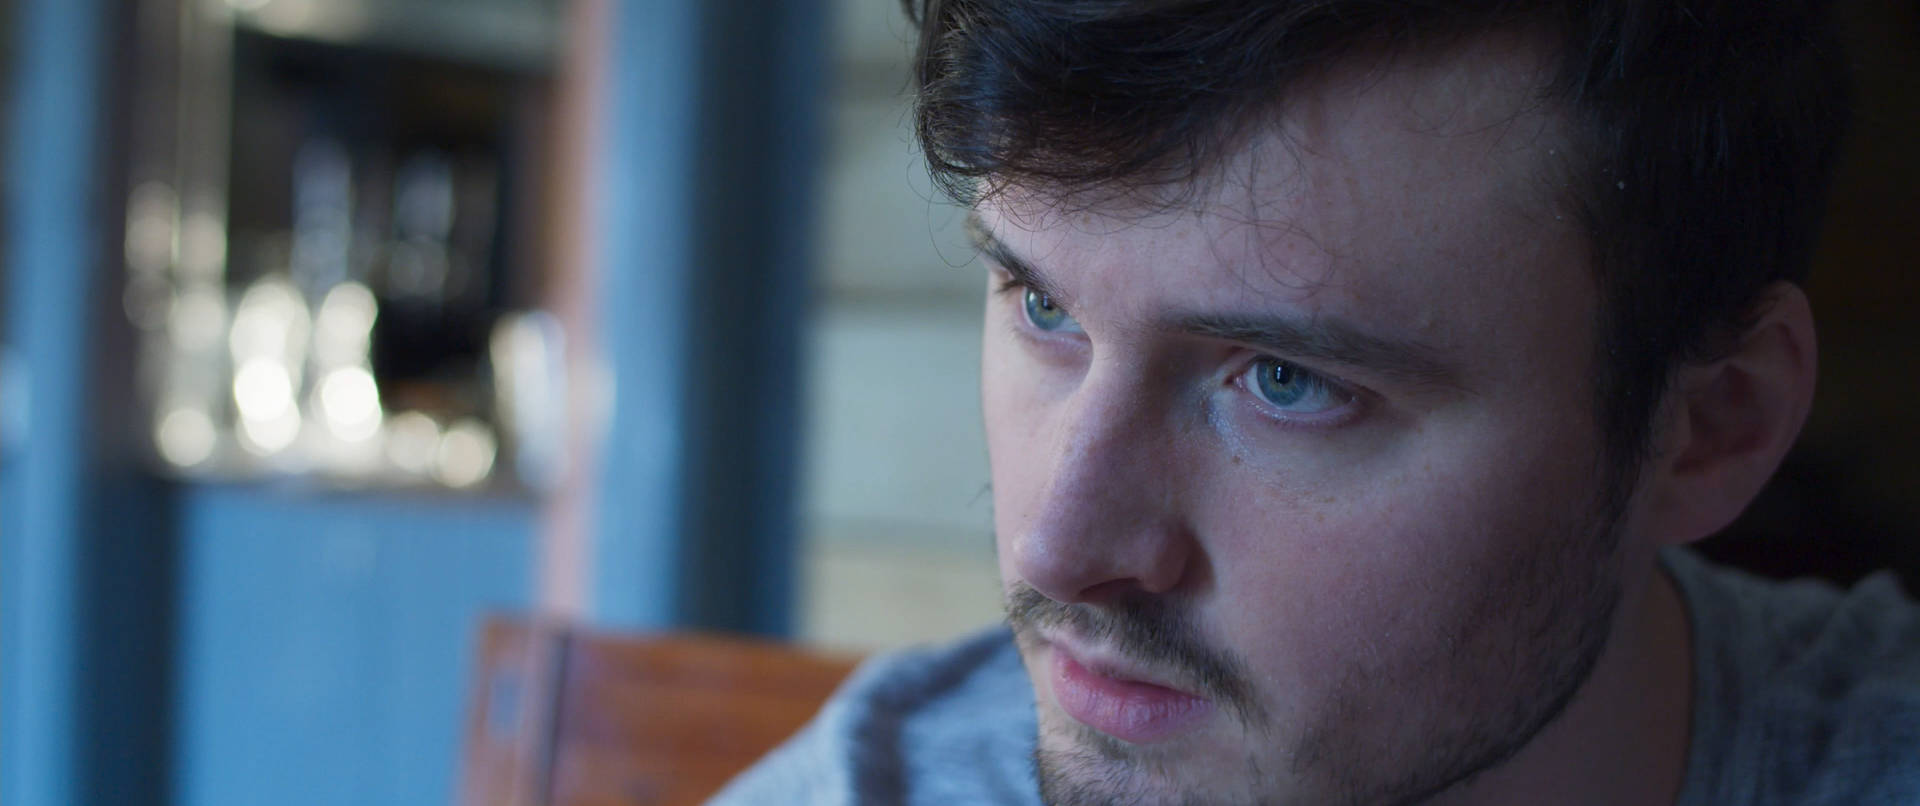 Still from short film True Purpose directed by Ben Sanderson